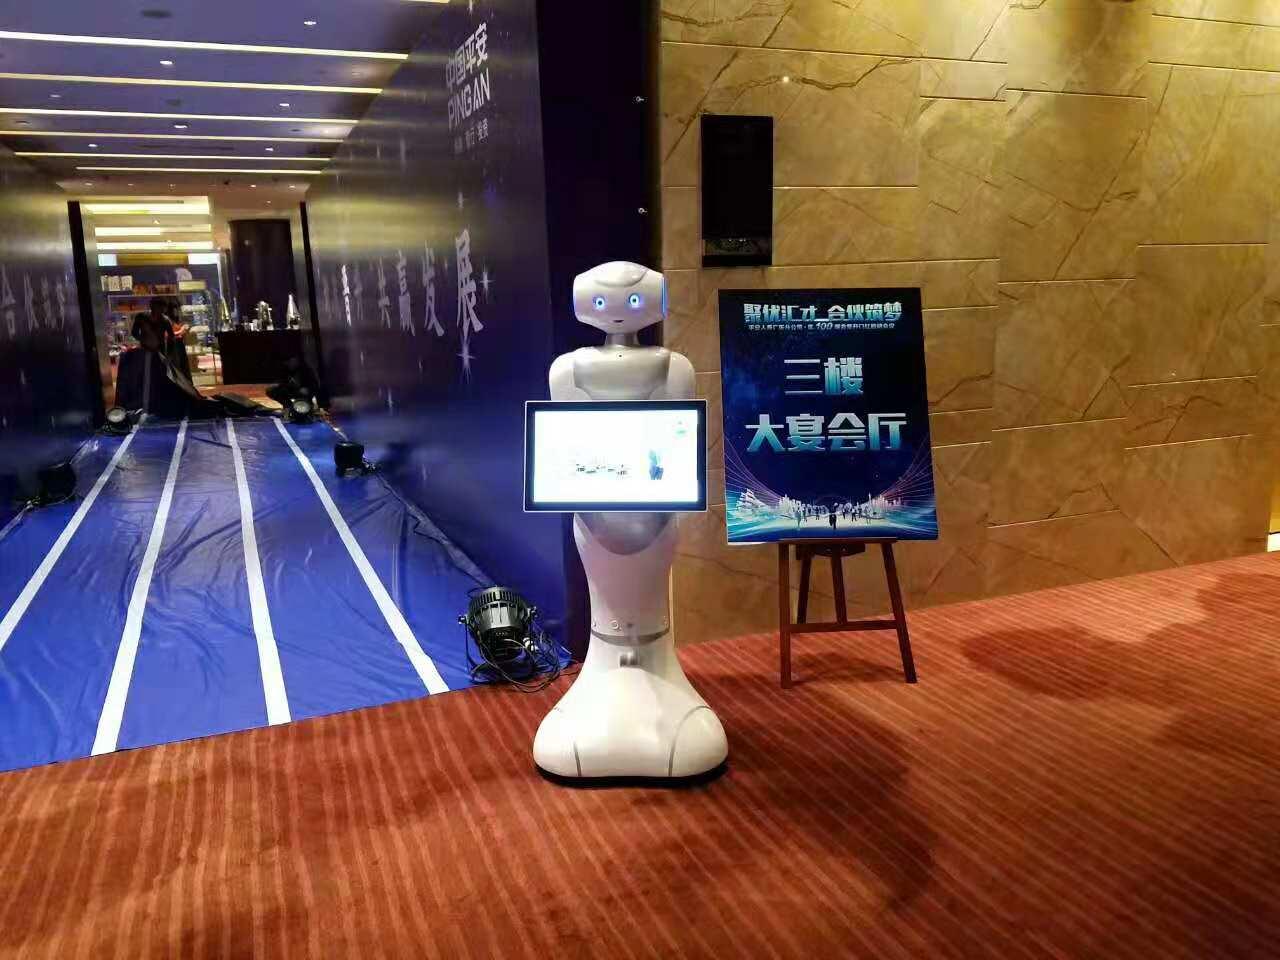 中国平安大白佩佩机器人